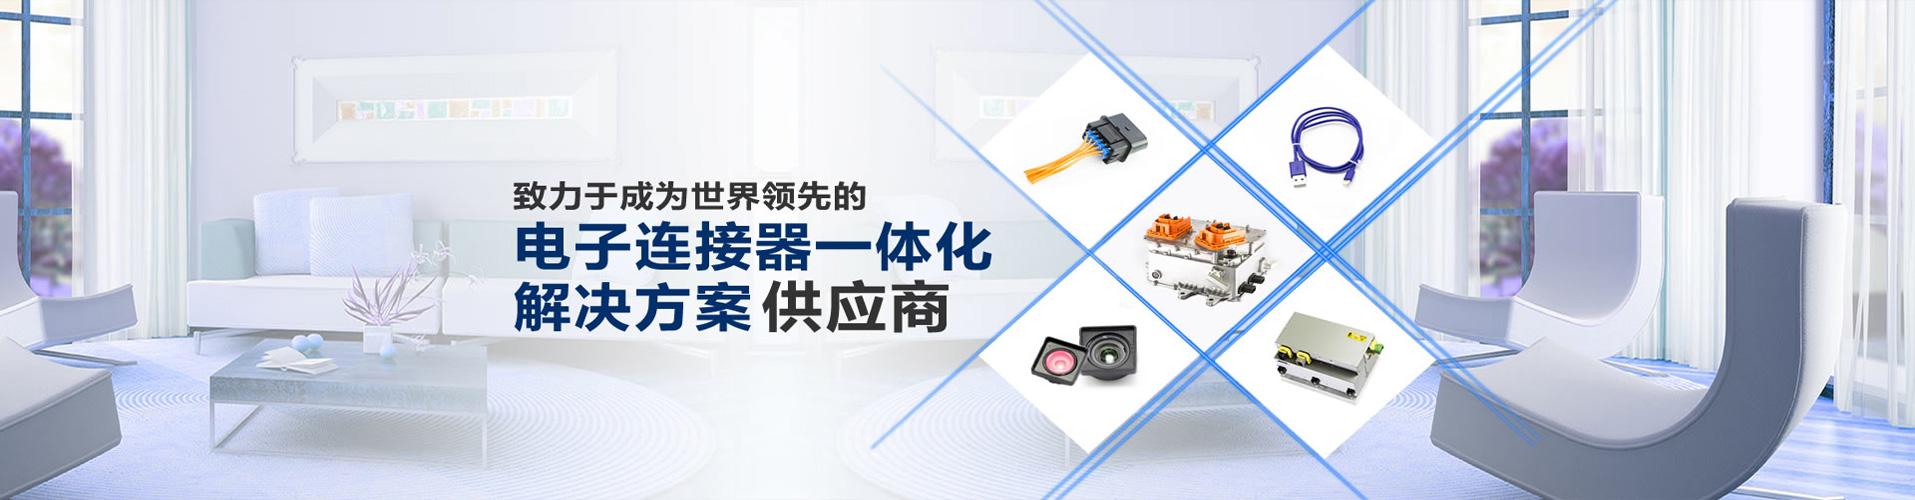 合肥得润电子器件有限公司-banner1